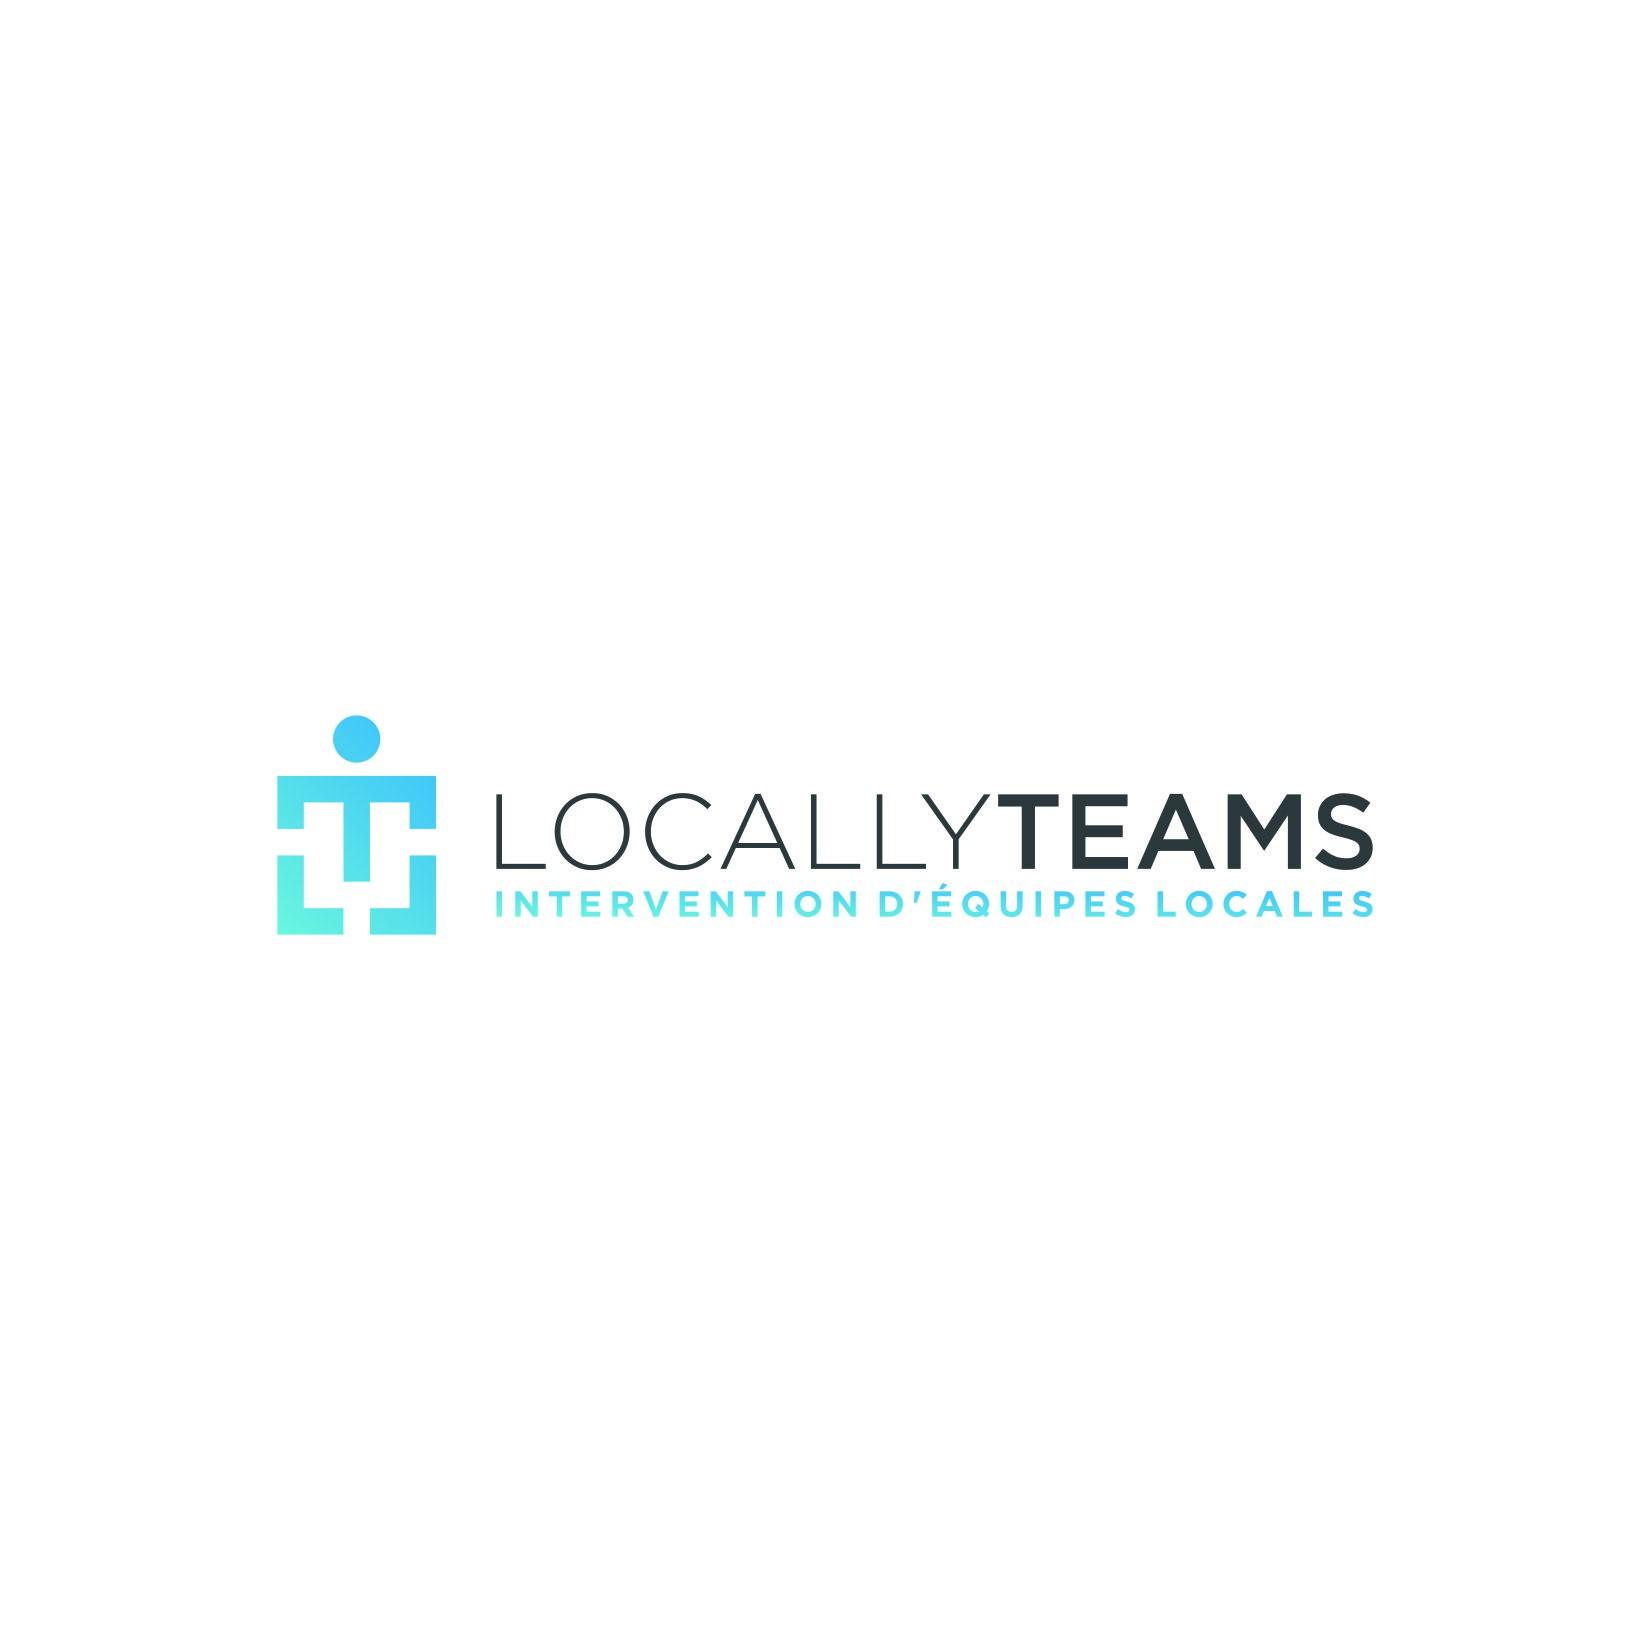 locallyteams cherche son logo